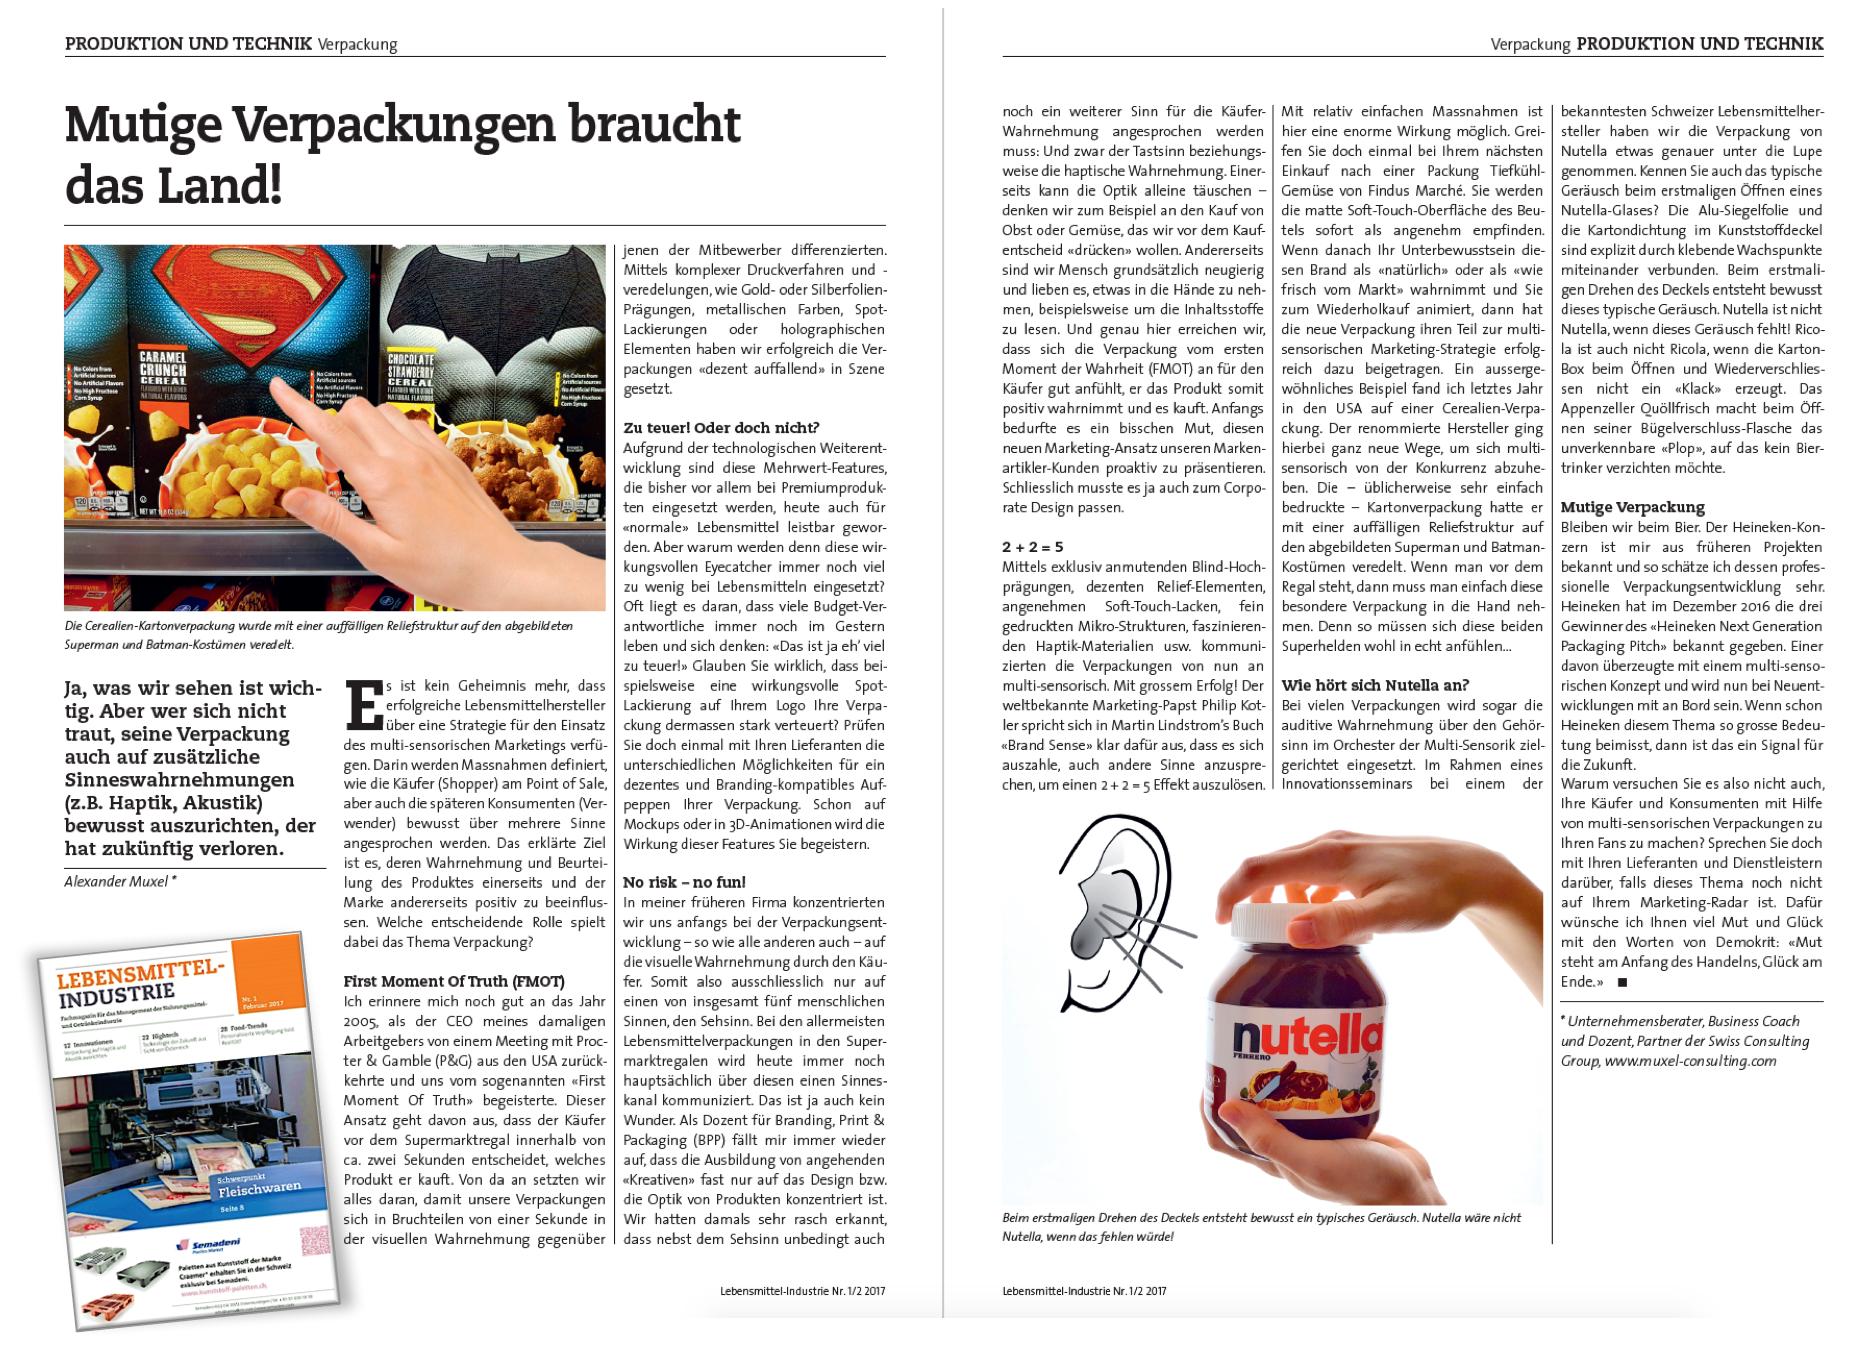 Multi-sensorisches Marketing, Artikel Mutige Verpackungen braucht das Land! in Lebensmittel-Industrie Alexander Muxel